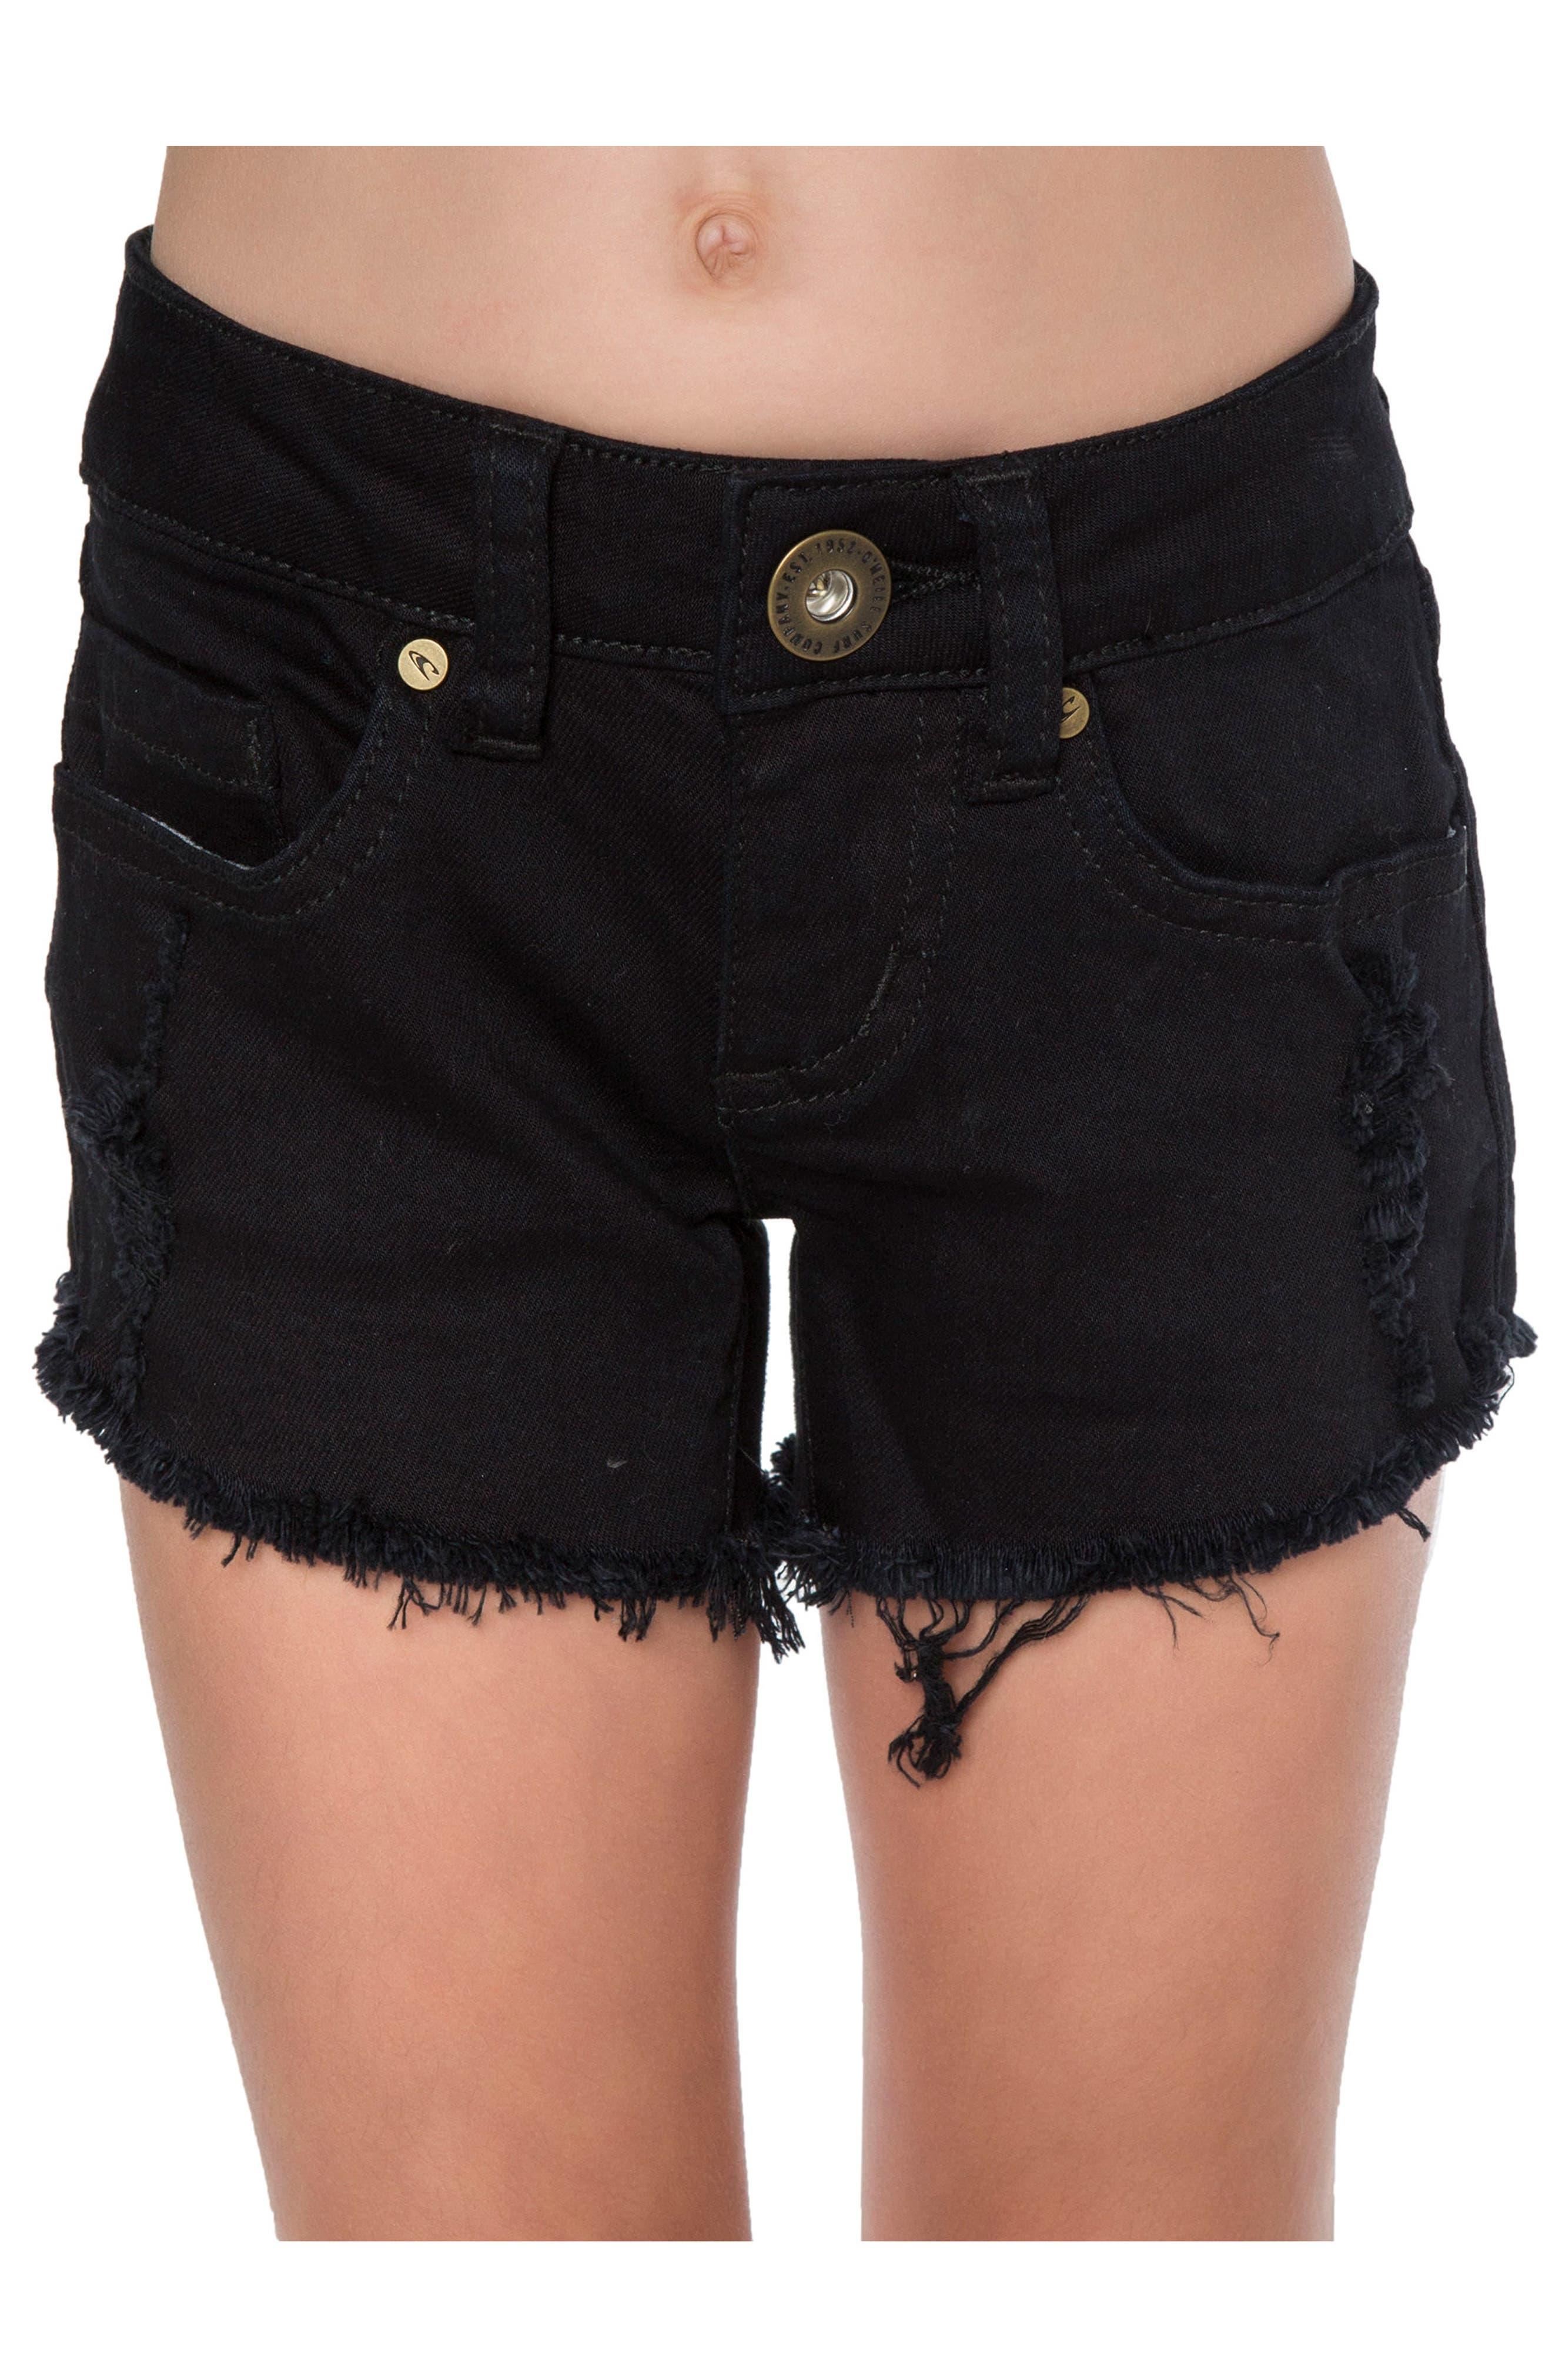 Compass Cutoff Shorts,                             Main thumbnail 1, color,                             Black